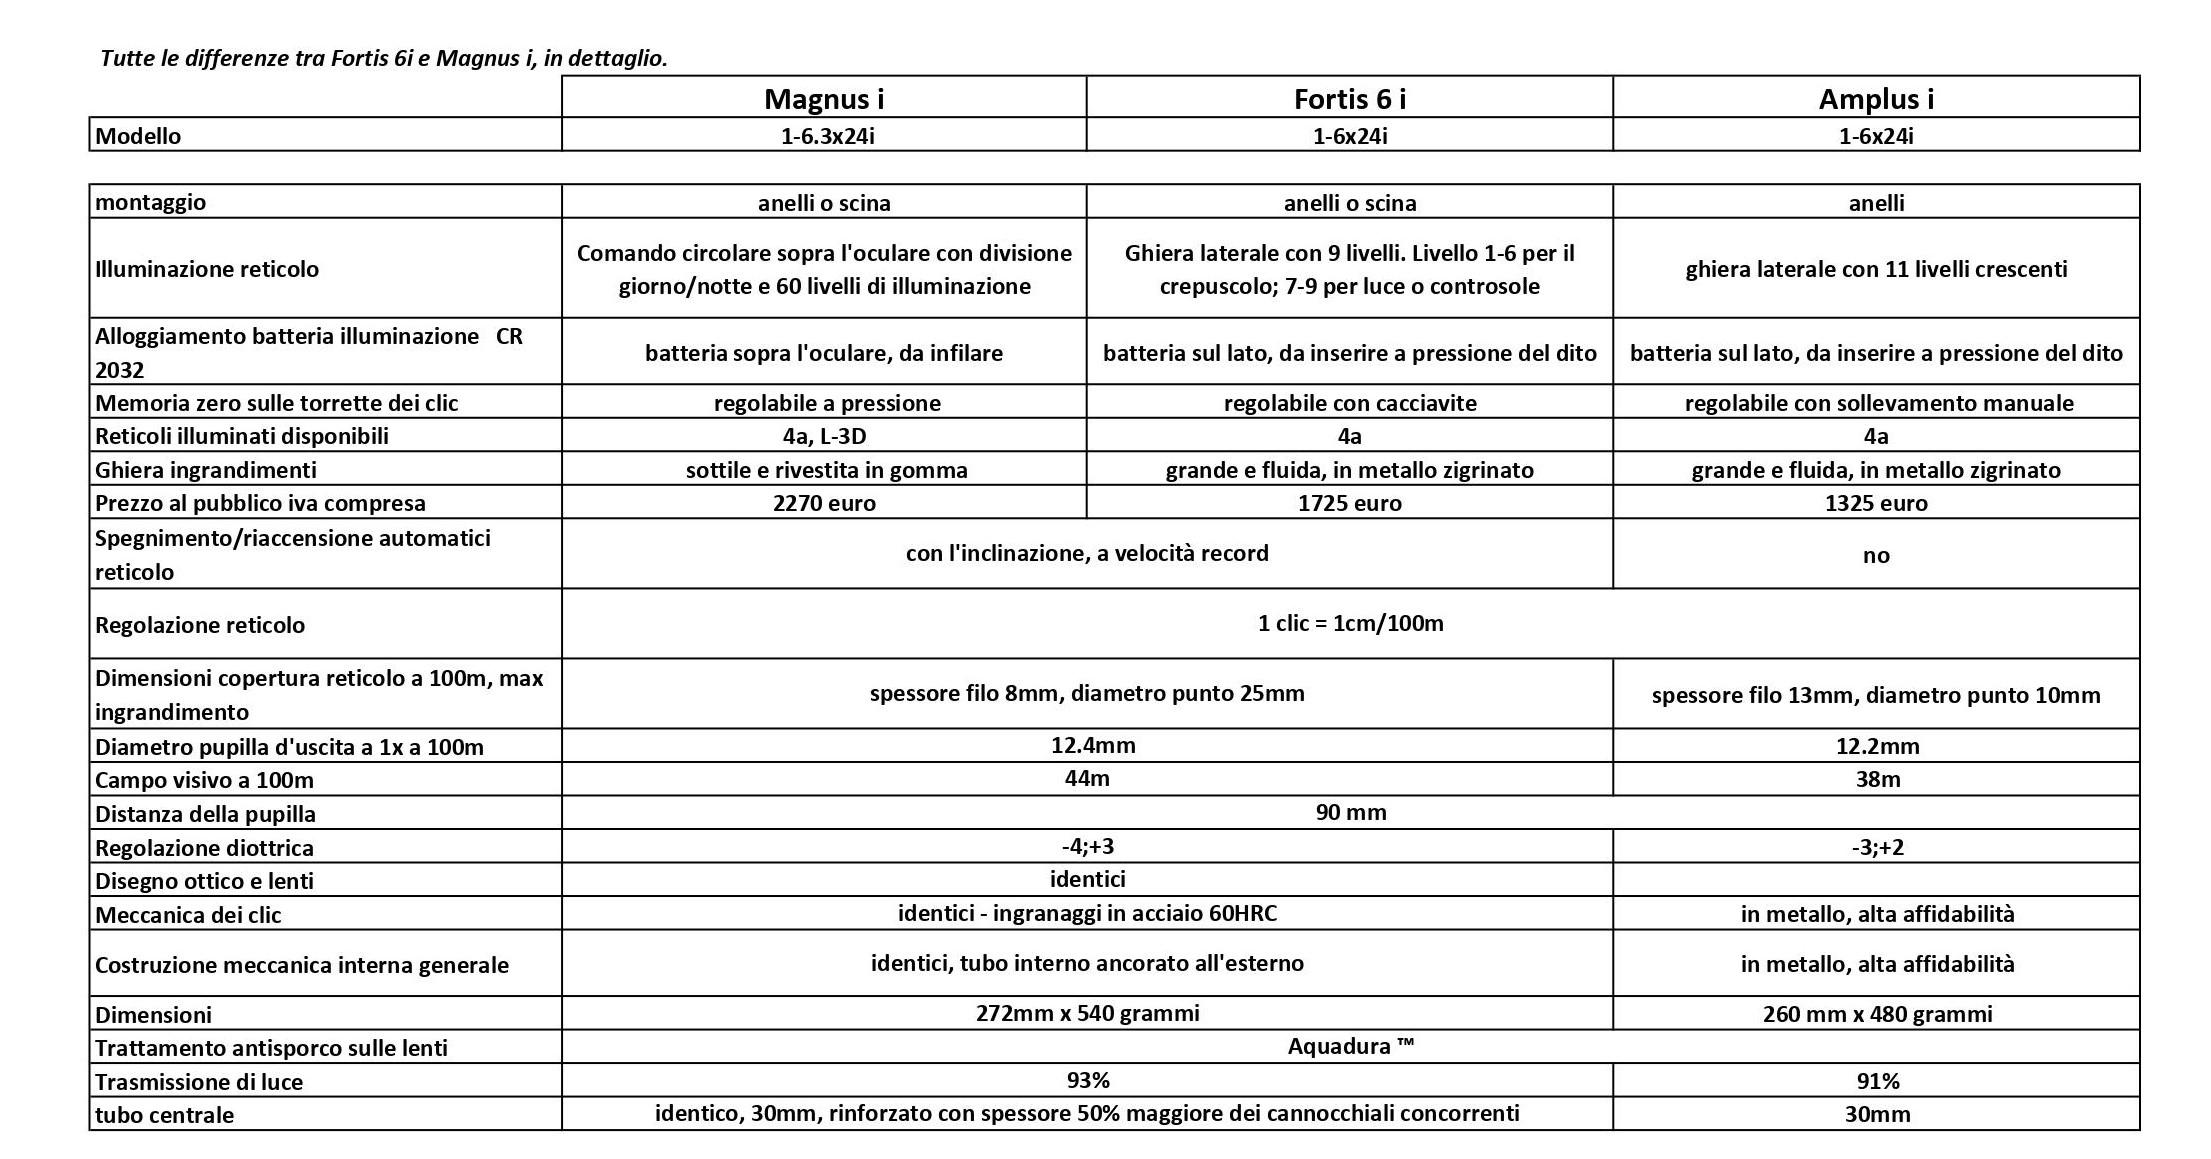 tutte le differenze tra Fortis 6i e Magnus in dettaglio